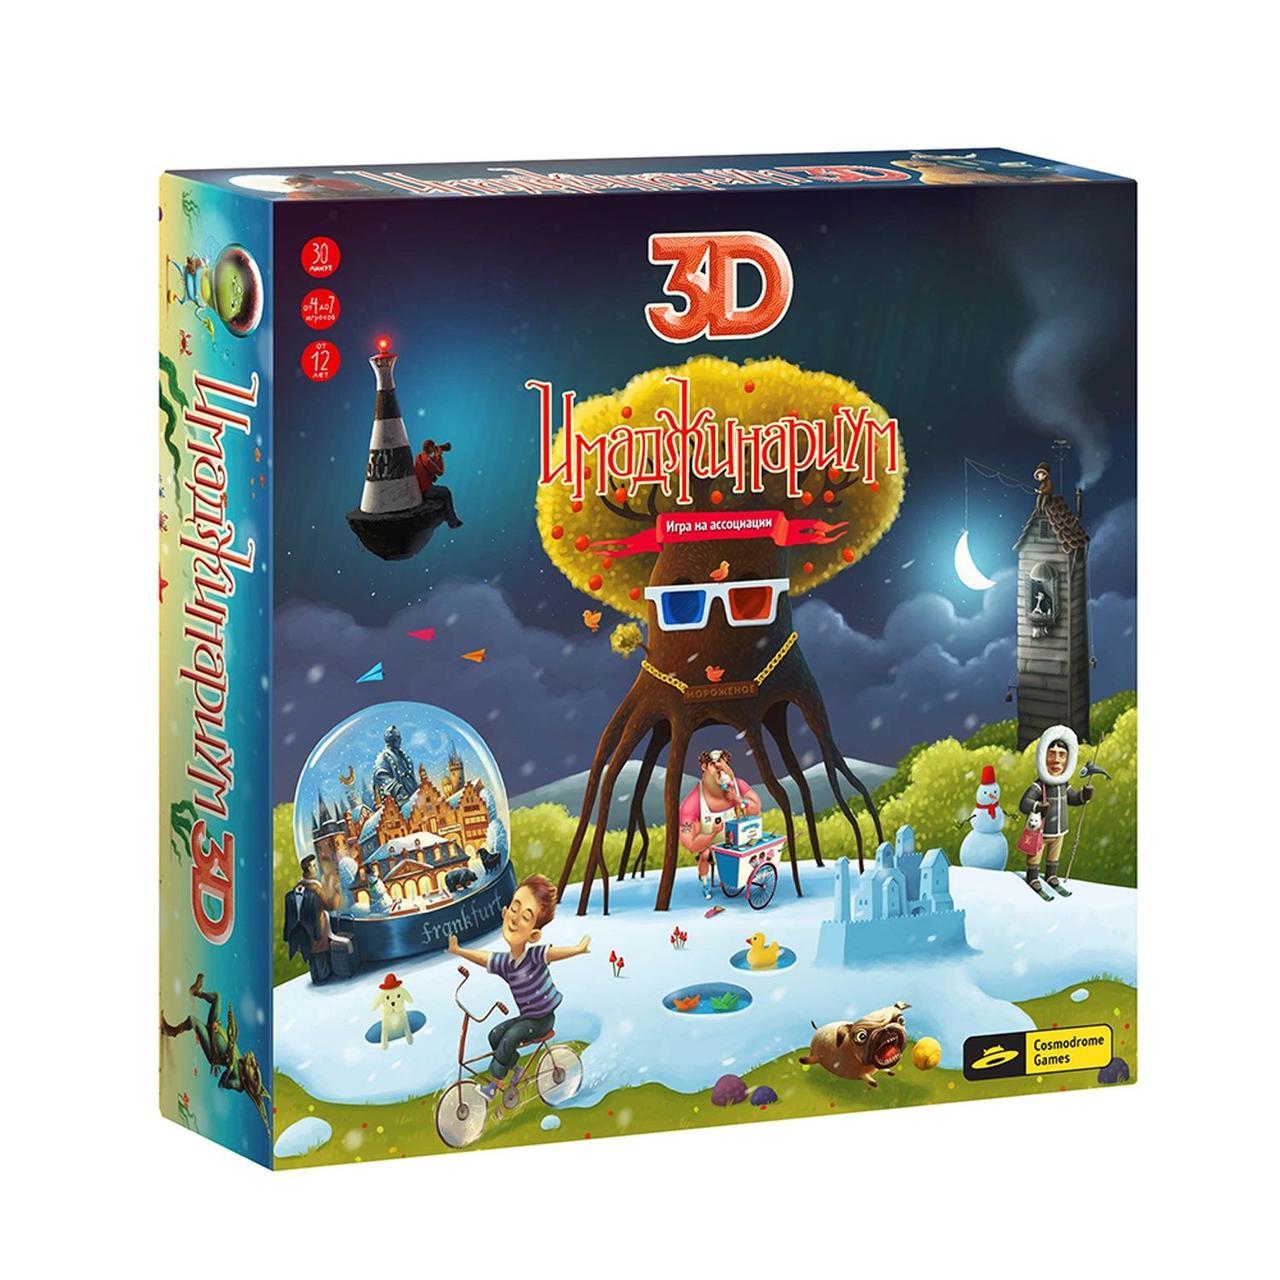 Настольная Игра Cosmodrome Games Имаджинариум 3D (10935)